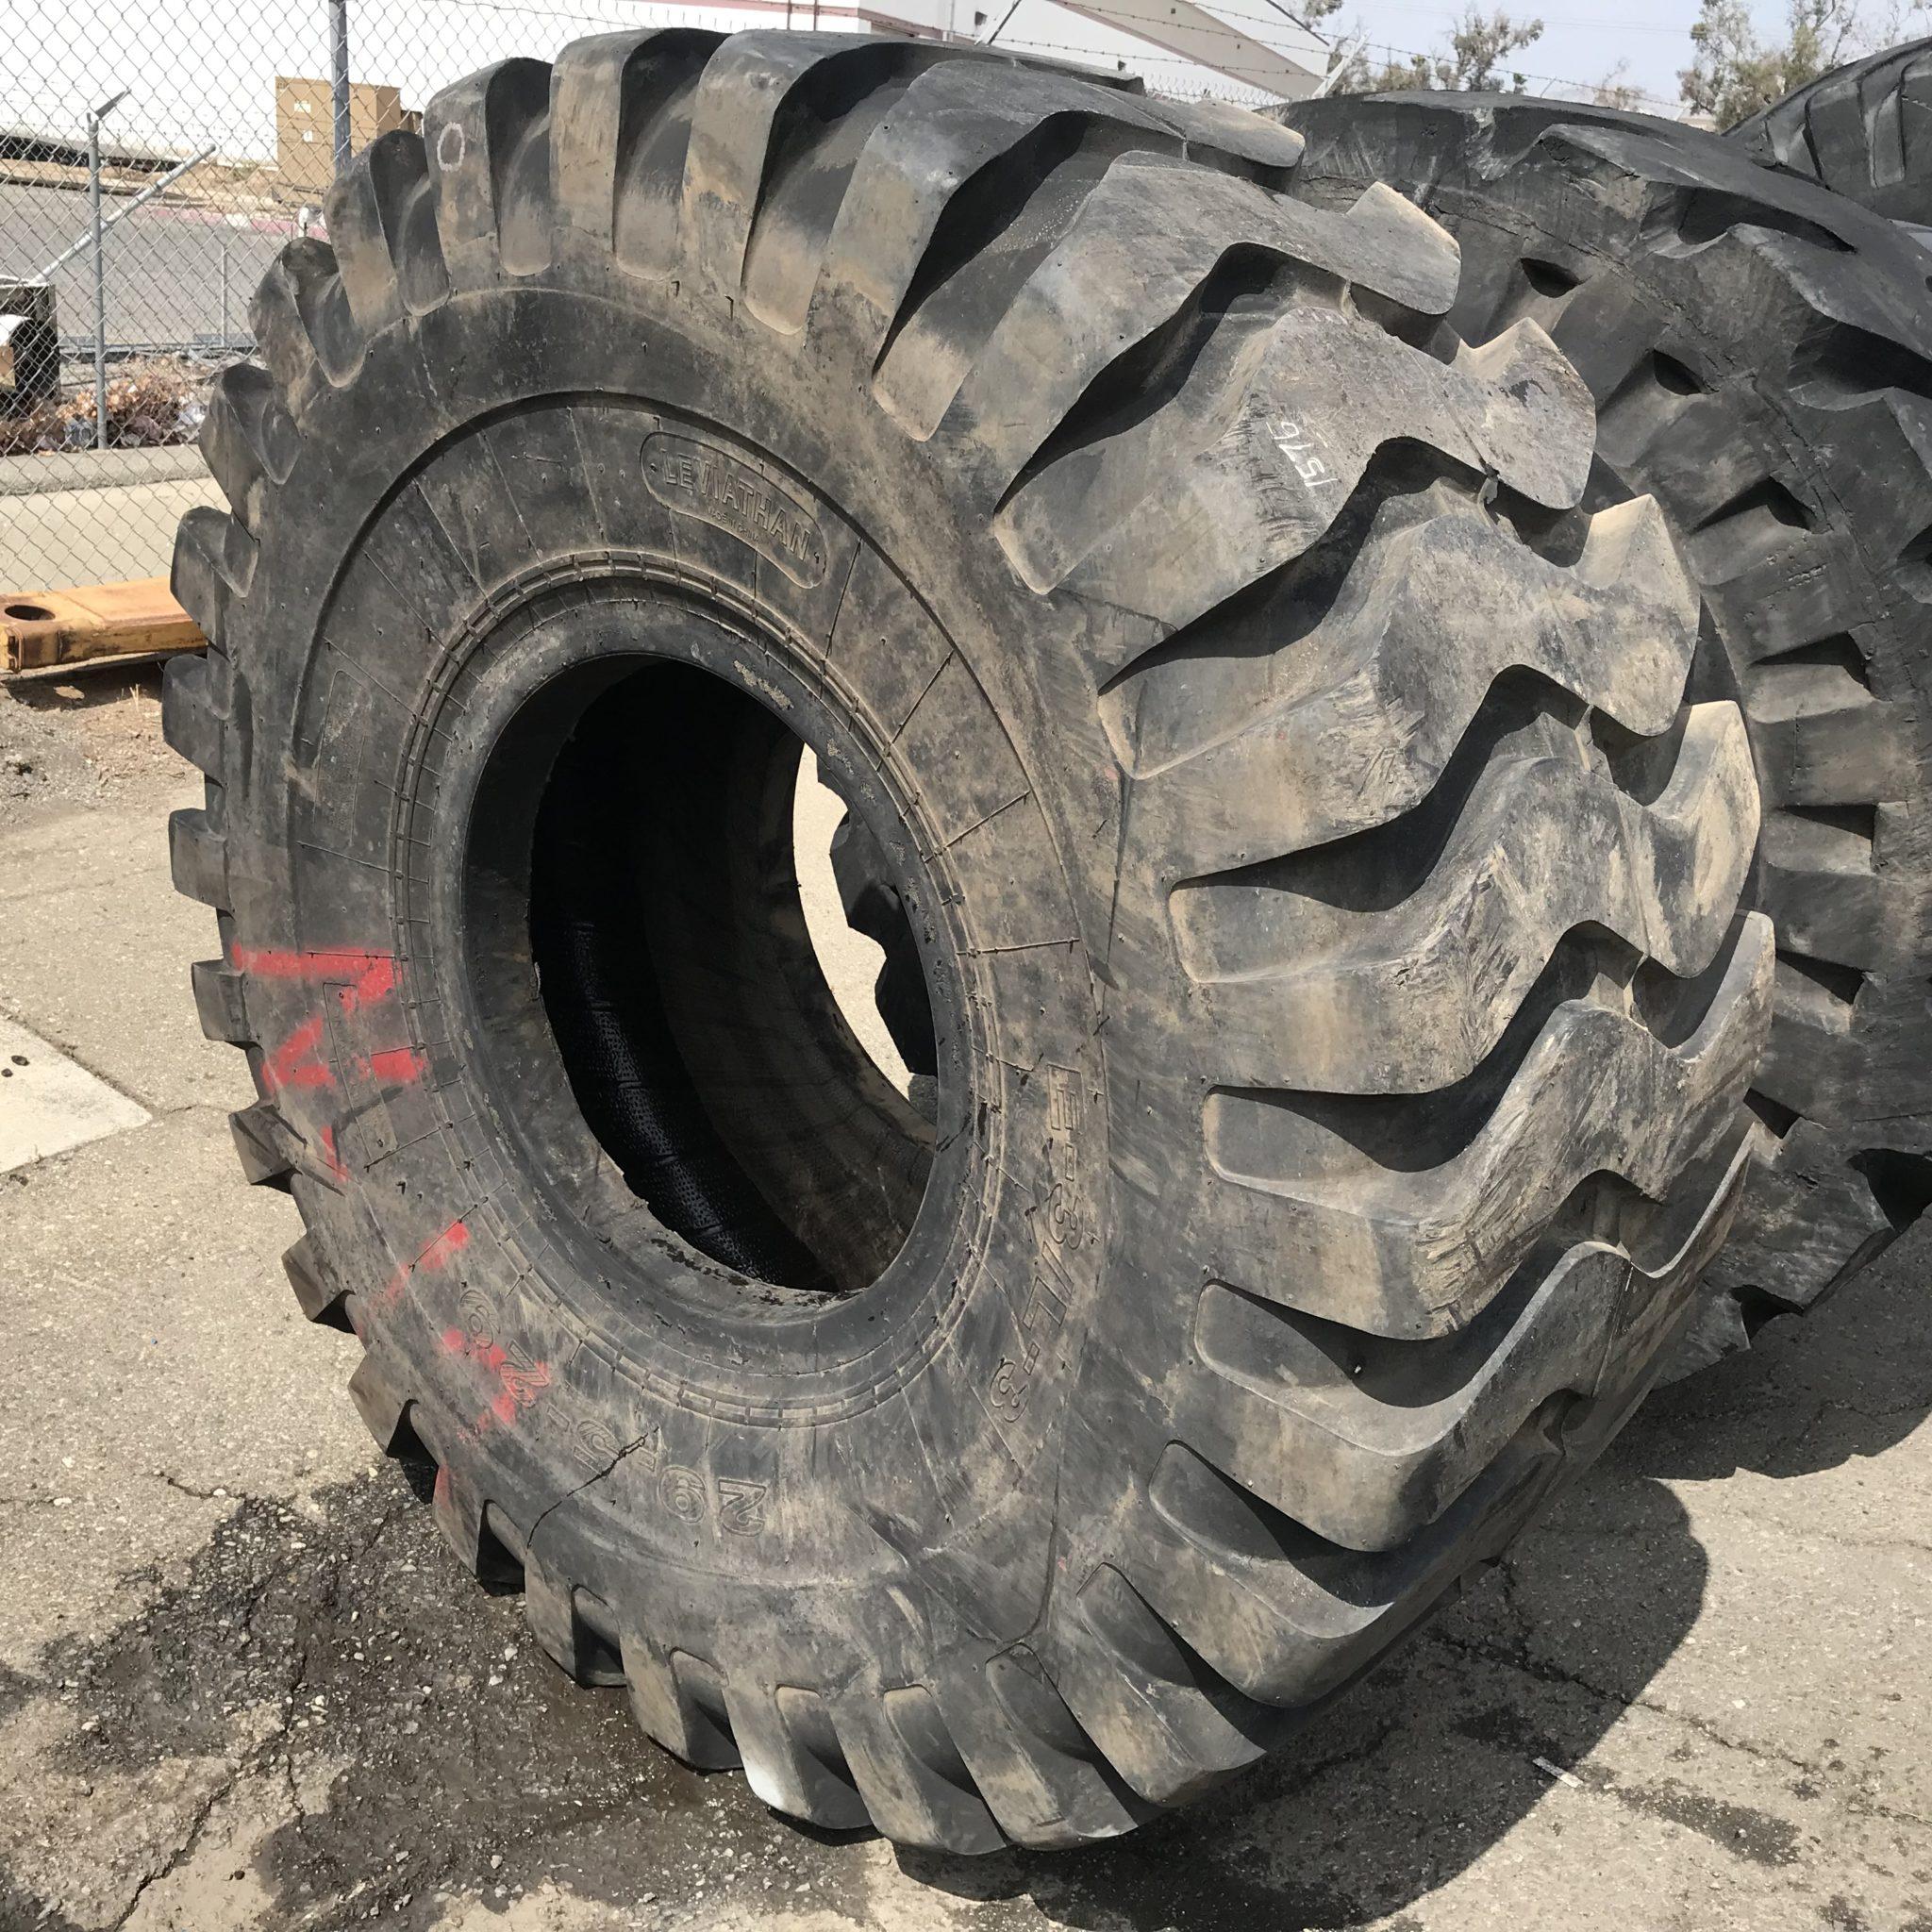 29 5x29 Leviathon Otr Tire E 3 L 3 E3 L3 34 Ply Condition Usedtread